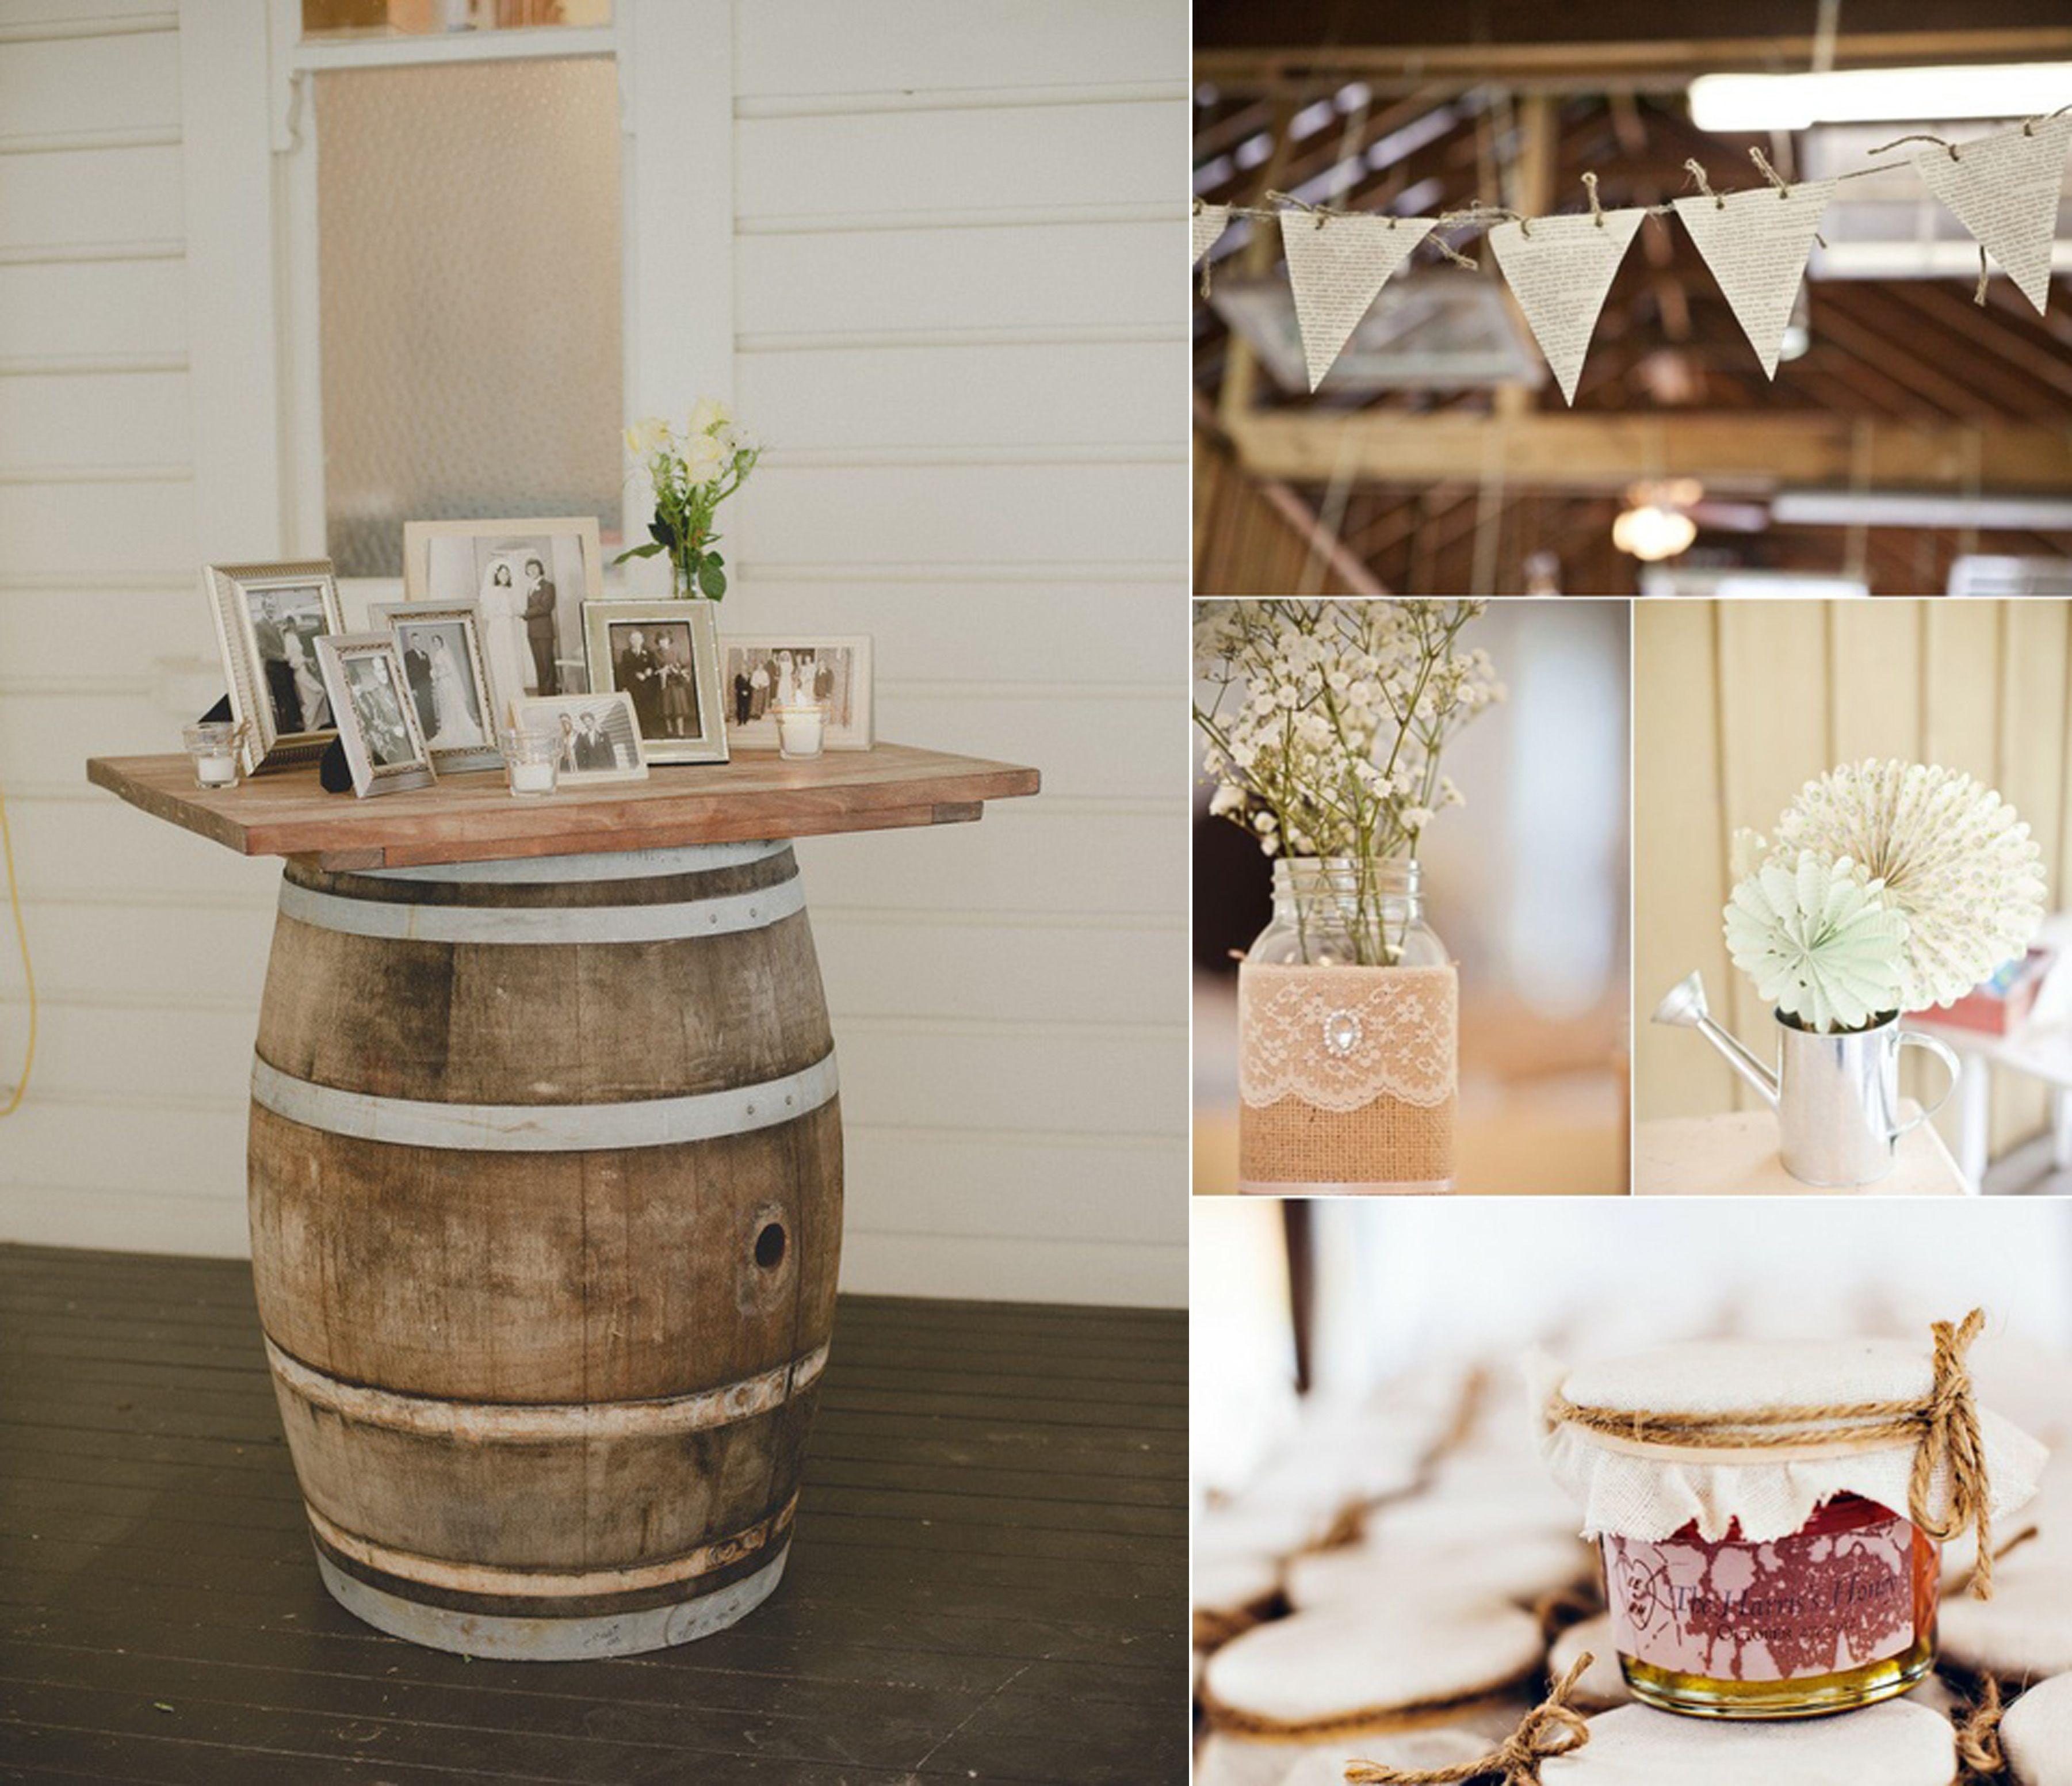 rustykalne dekoracje korek wino winiarnia slub wesele diy blog